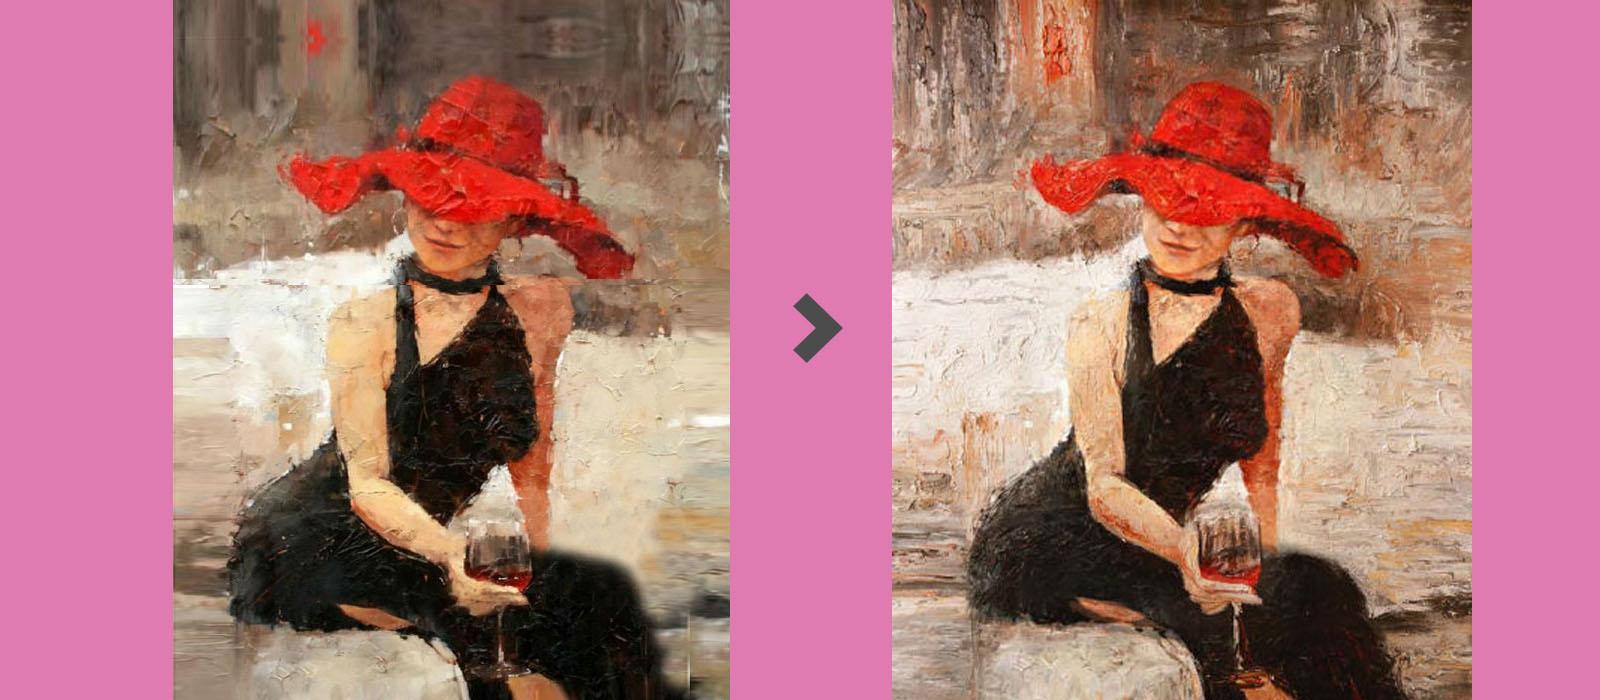 voorbeeld schilderijen in opdracht red lady